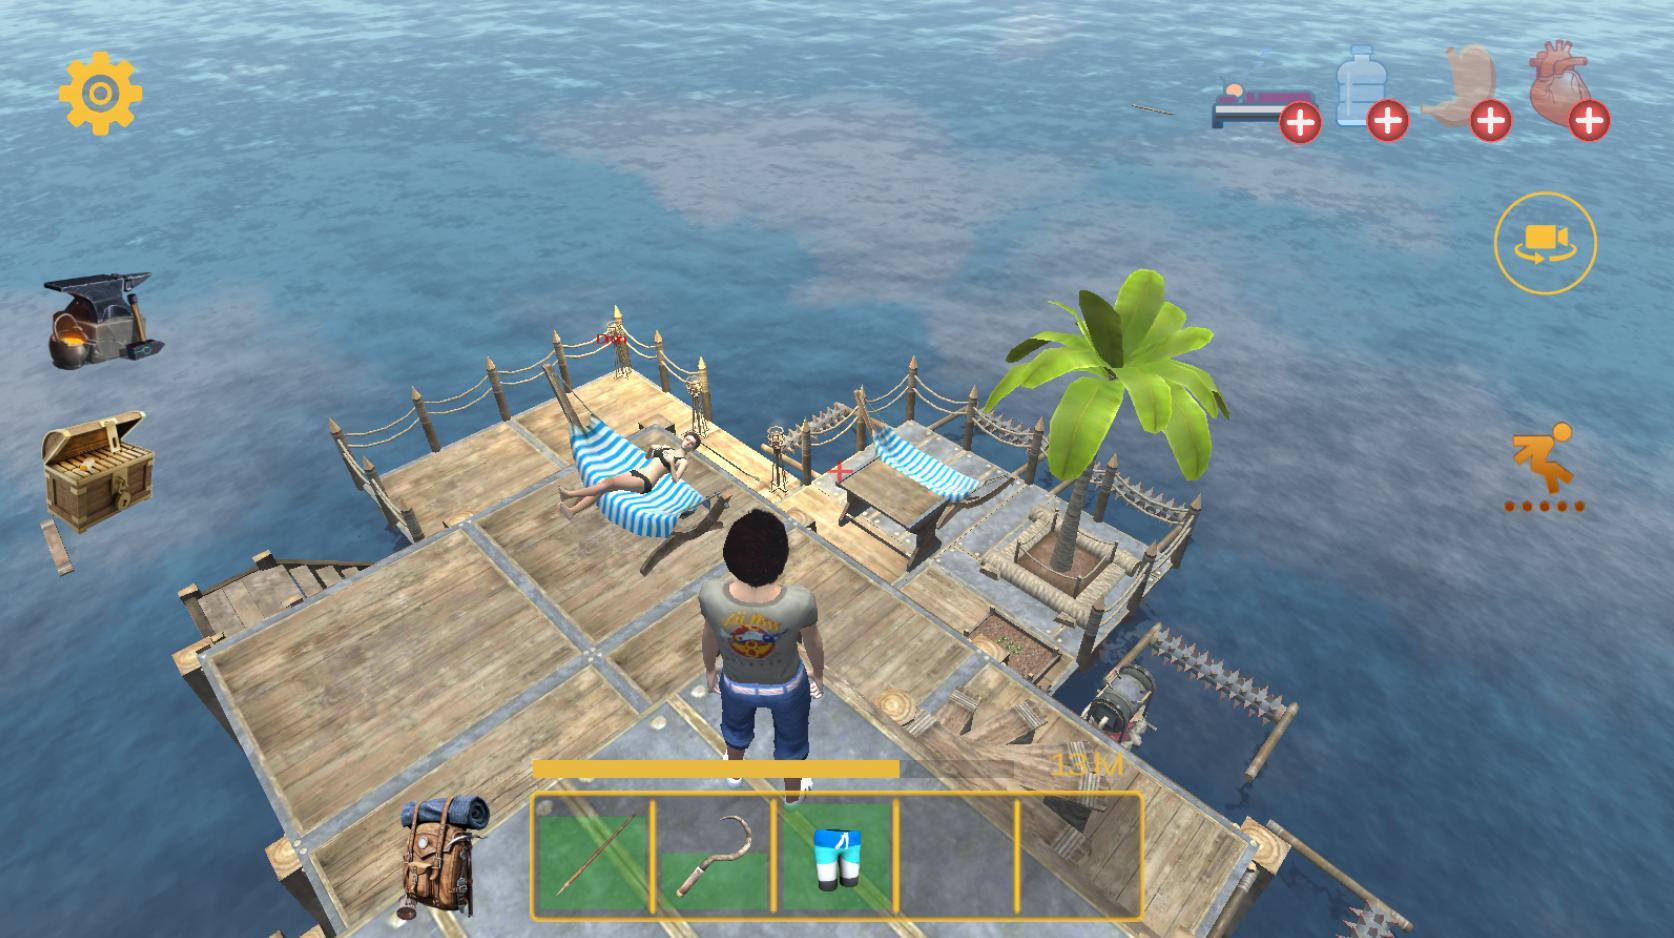 筏生存:多人游戏(多人木筏求生) 游戏截图5